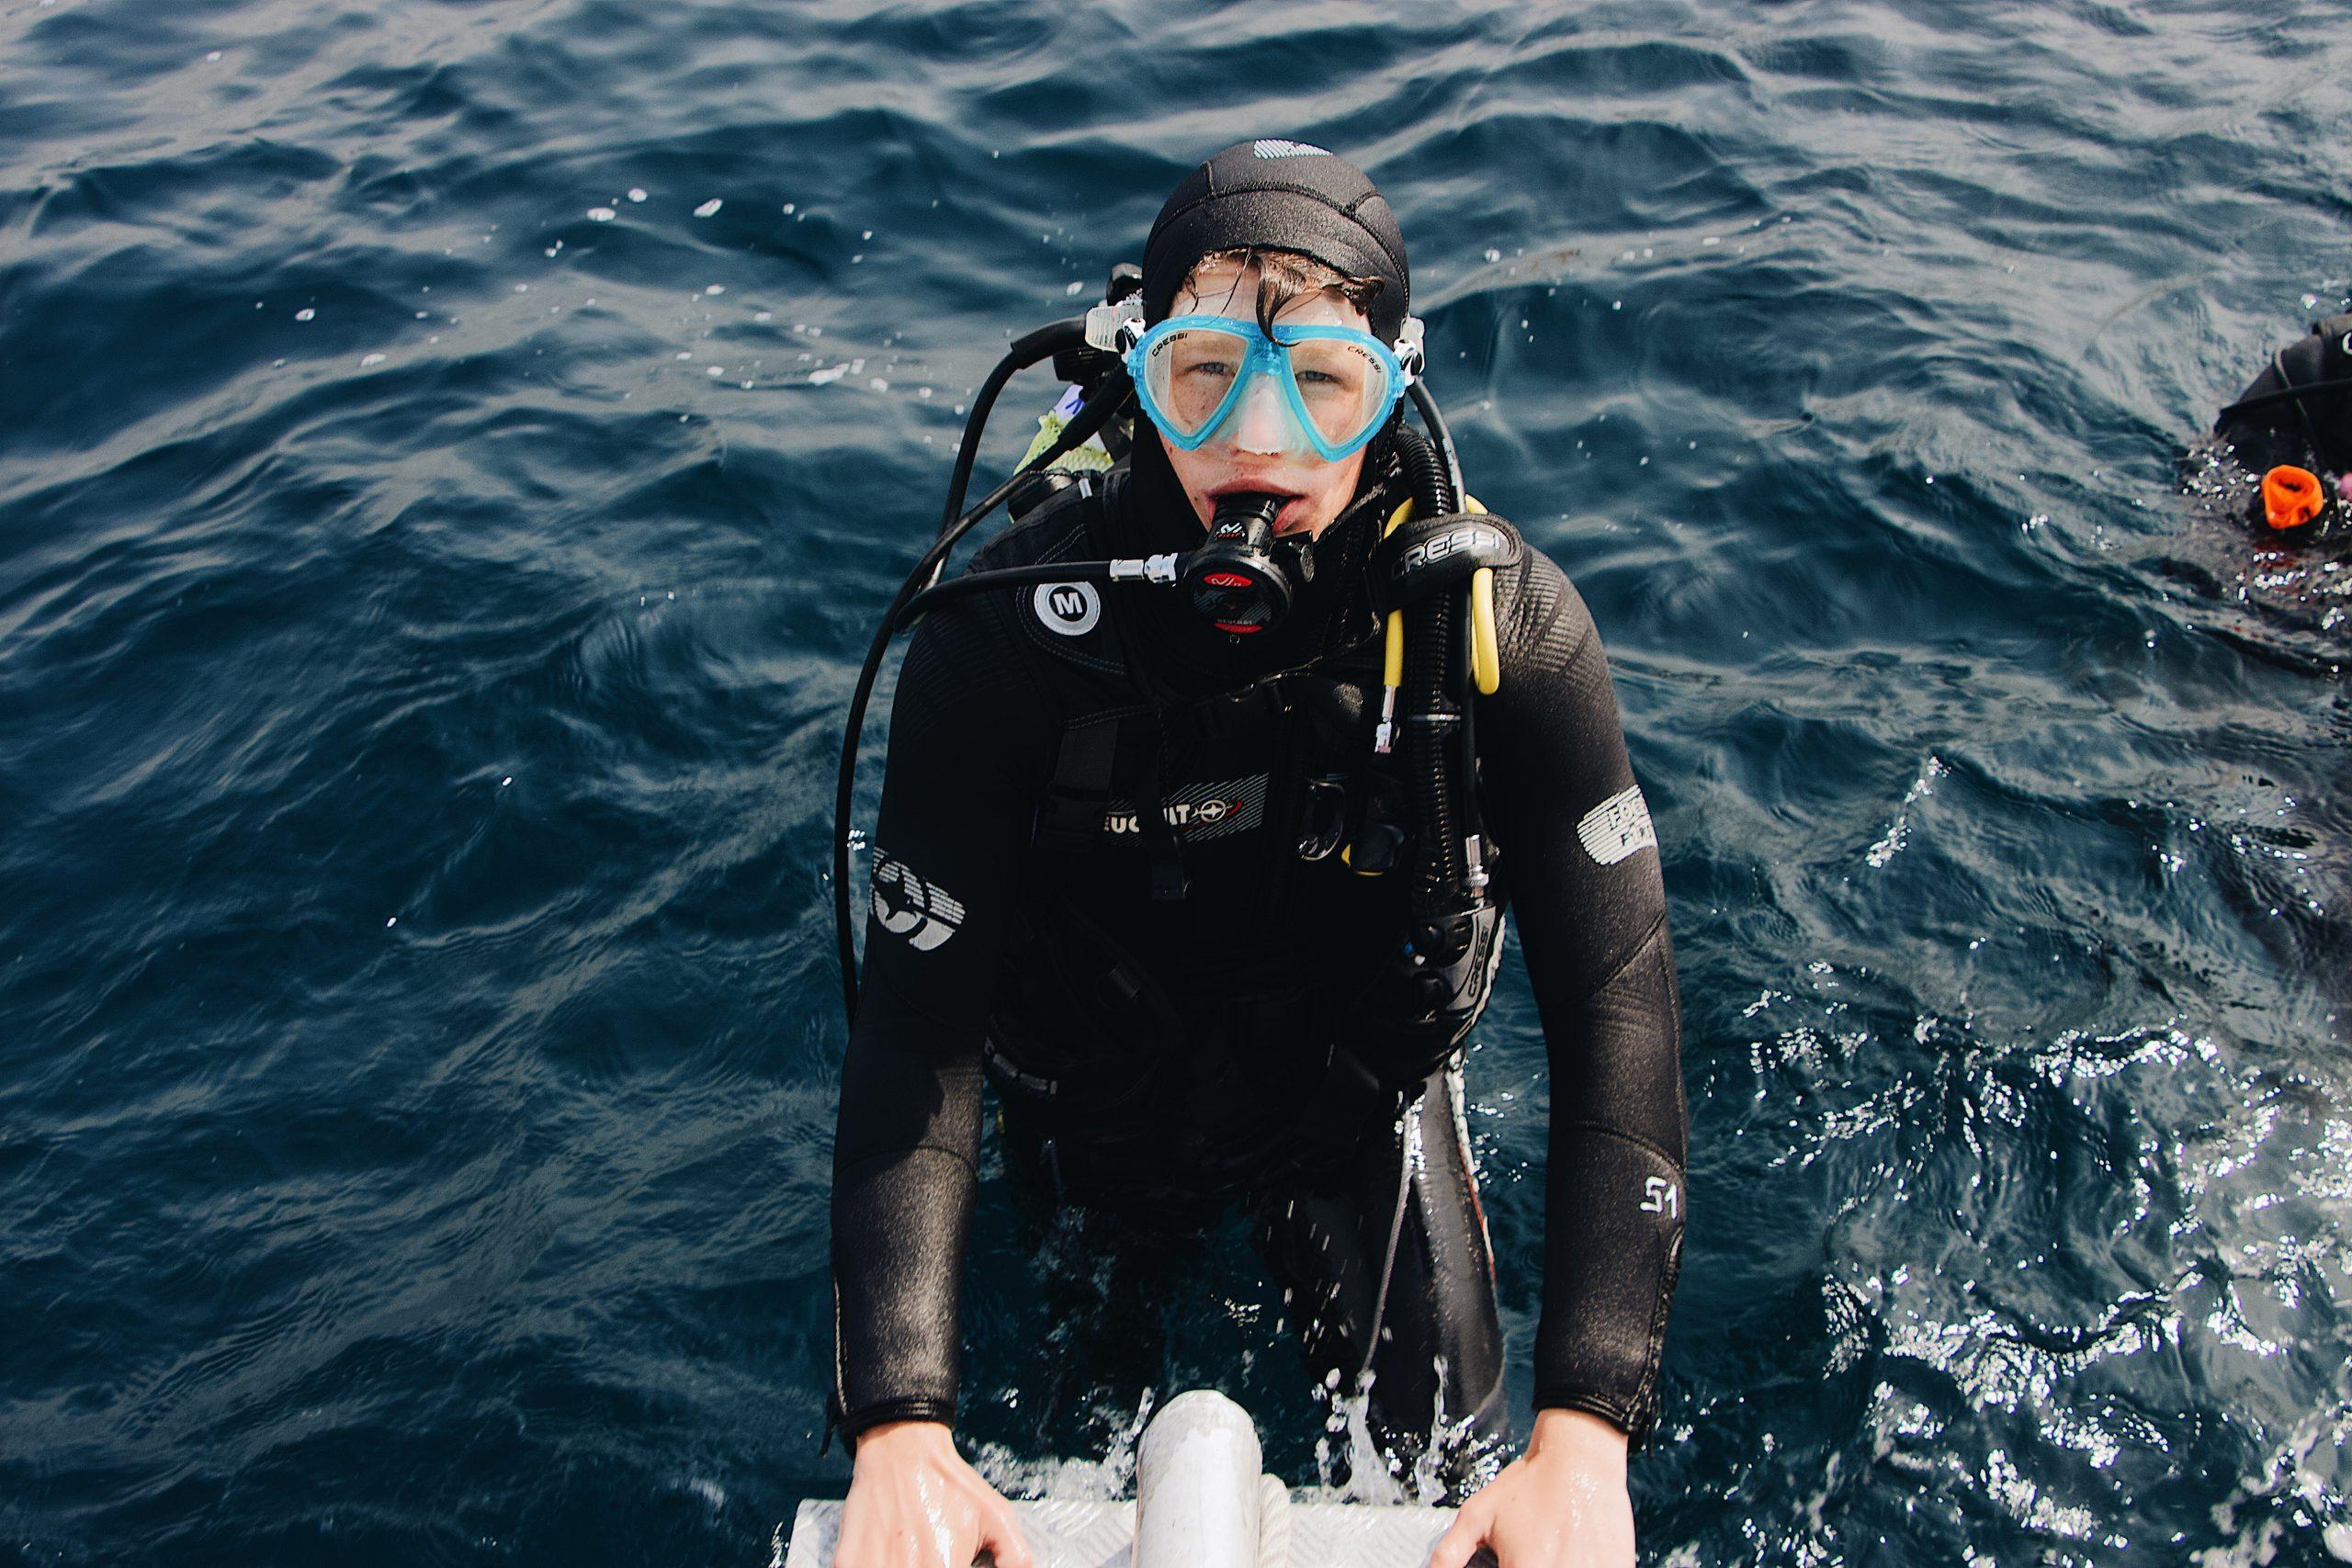 Buceador de espaldas al mar